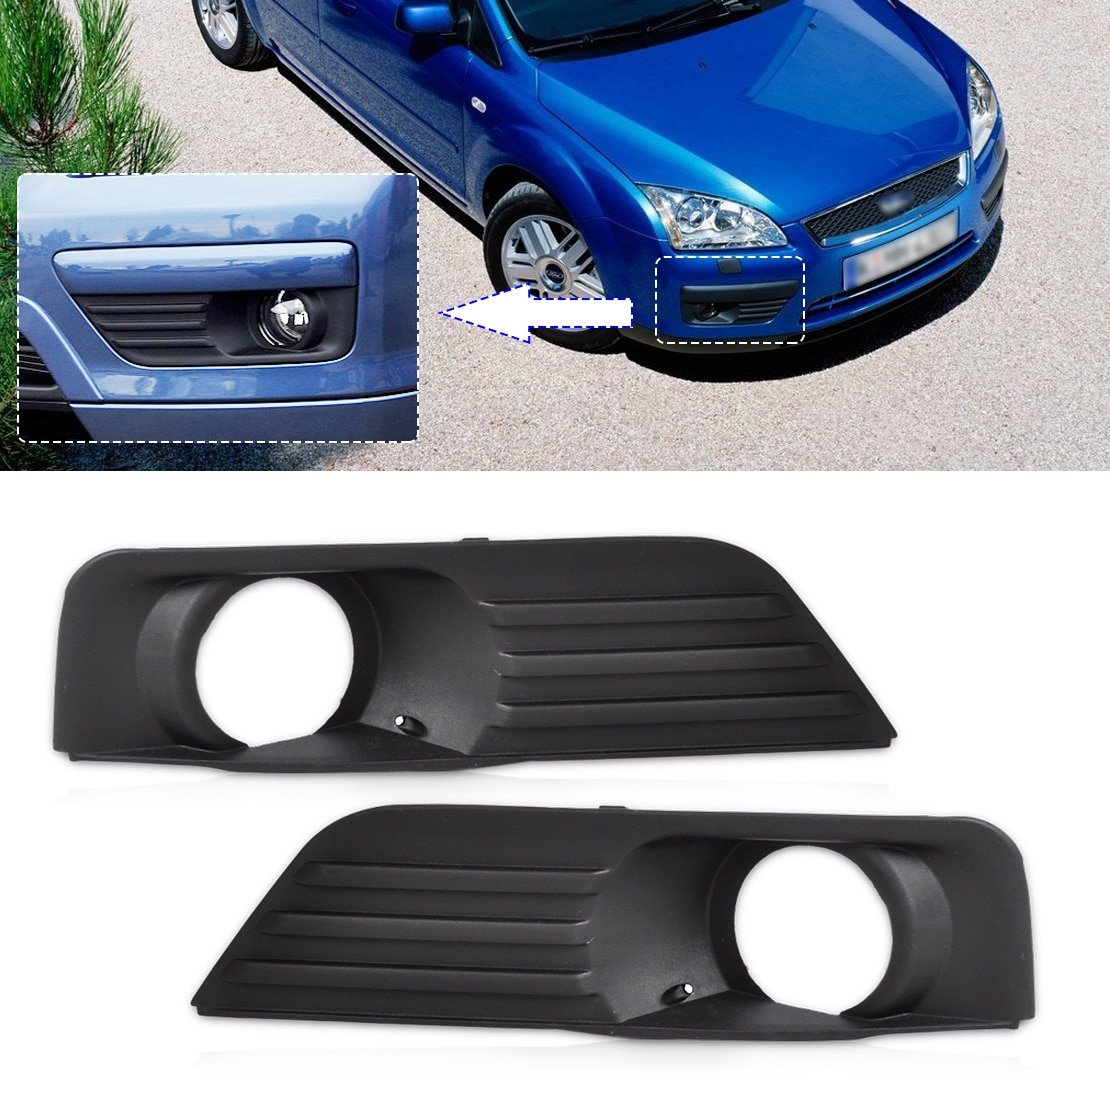 DWCX 4M51-19952-A 4M51-19953-A parte delantera inferior izquierda y para parachoques derecho luz antiniebla lámpara rejilla para Ford Focus 2004 2005 2006 2007 2008